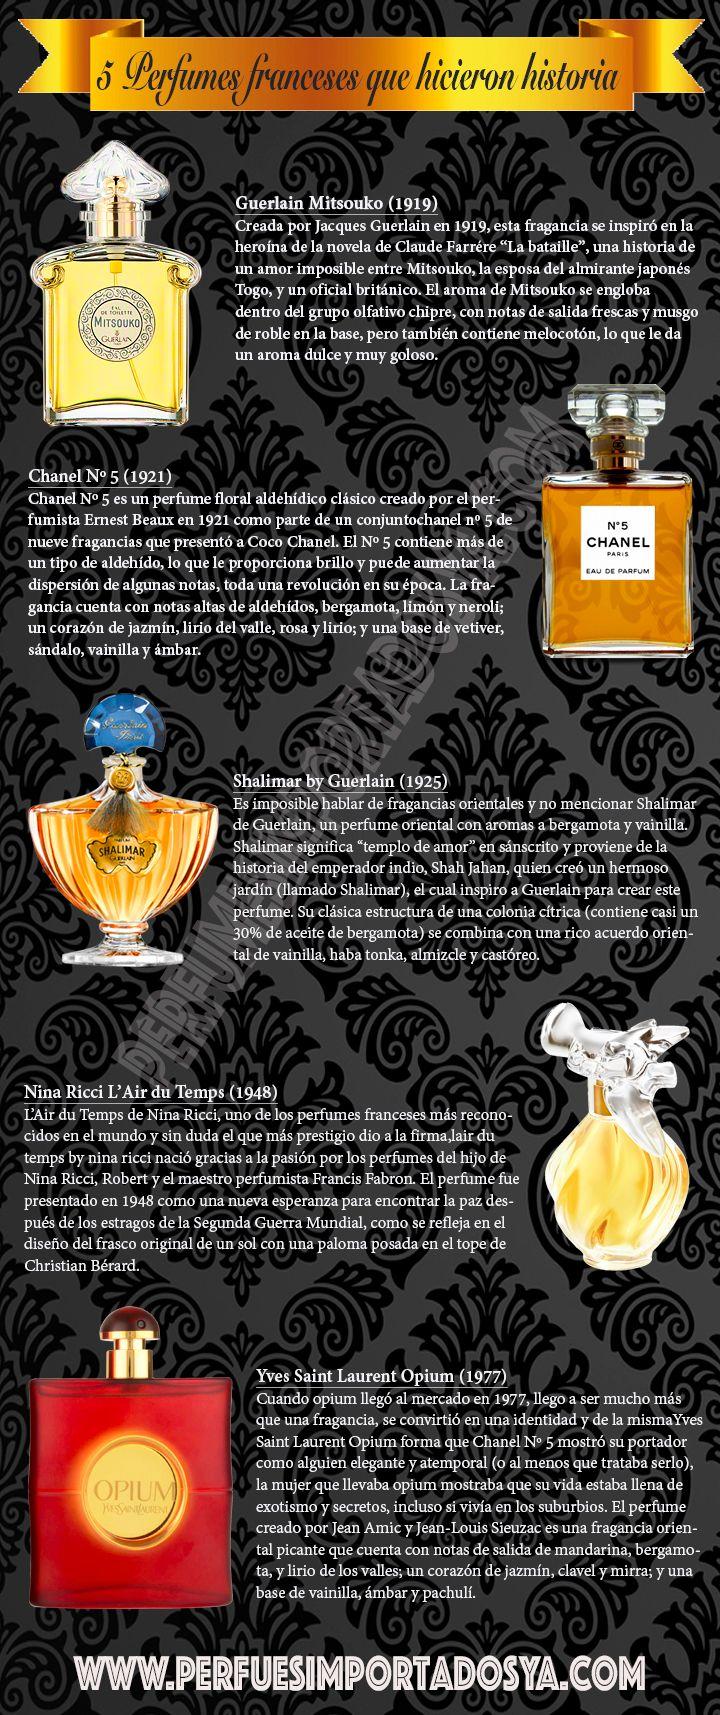 infografía perfumes franceses